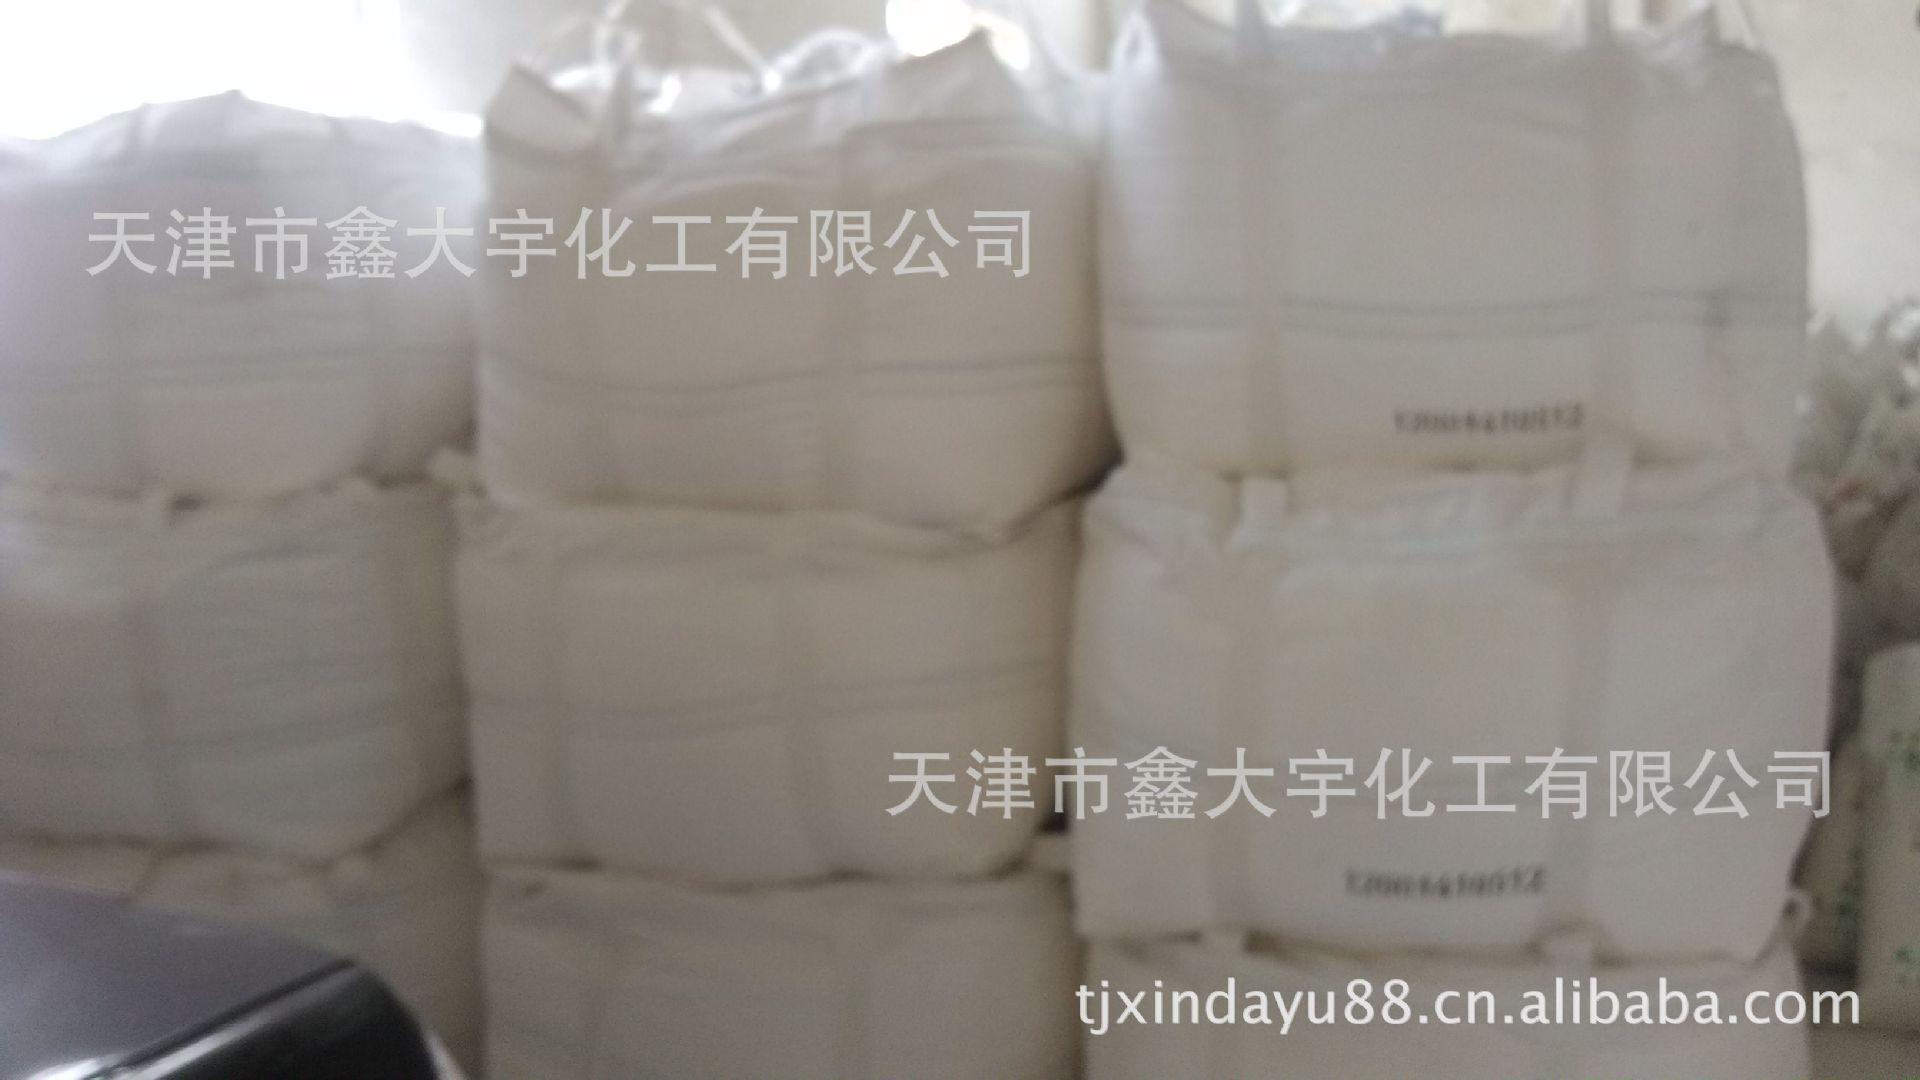 工业纯碱(吨袋包装)英文唛头 天津港交货 商检